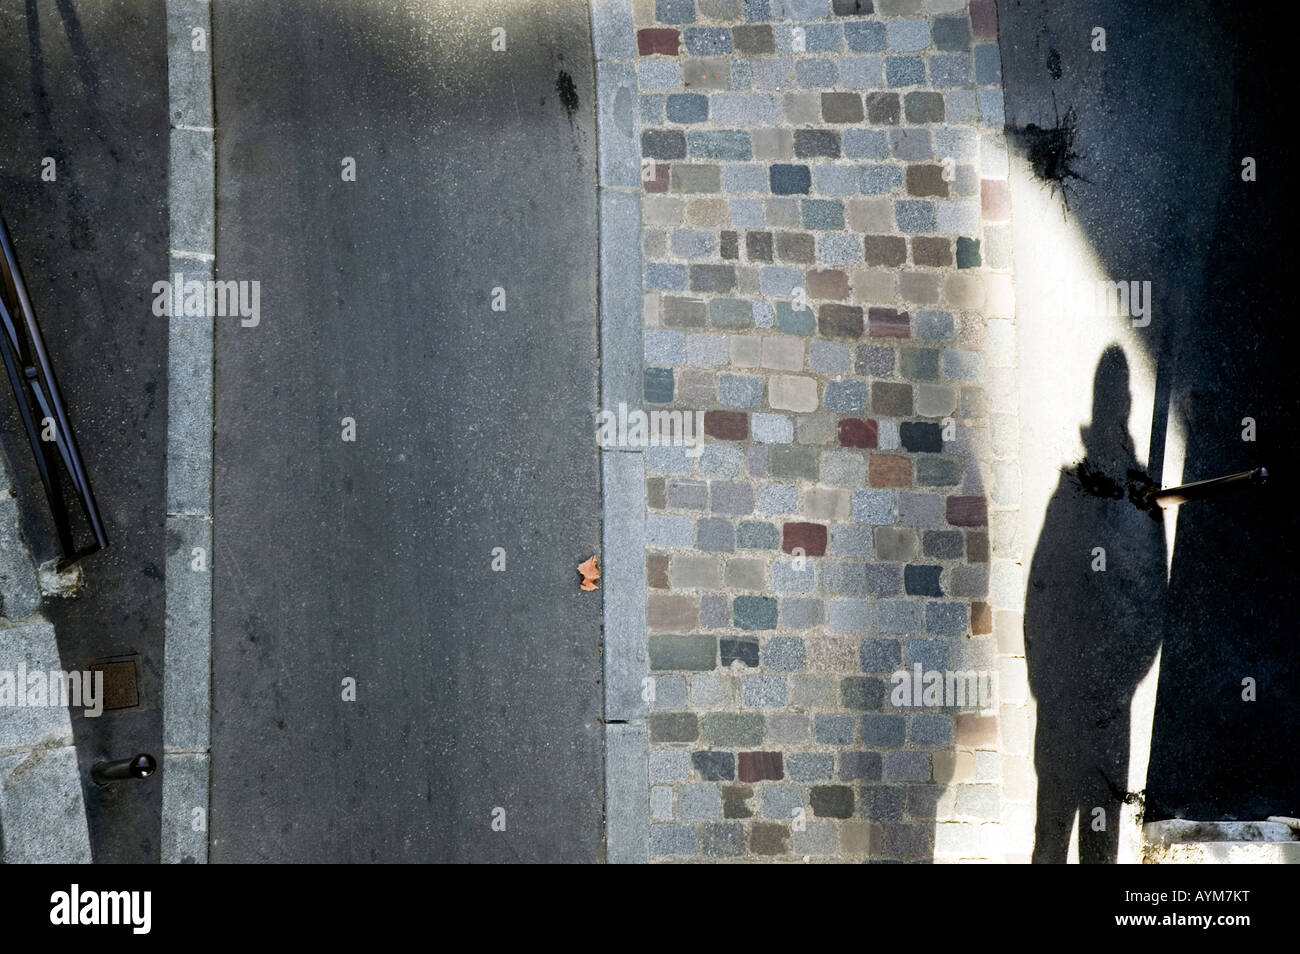 Schatten eines Mannes auf eine gepflasterte Straße mit düsteren Untertönen. Stockbild